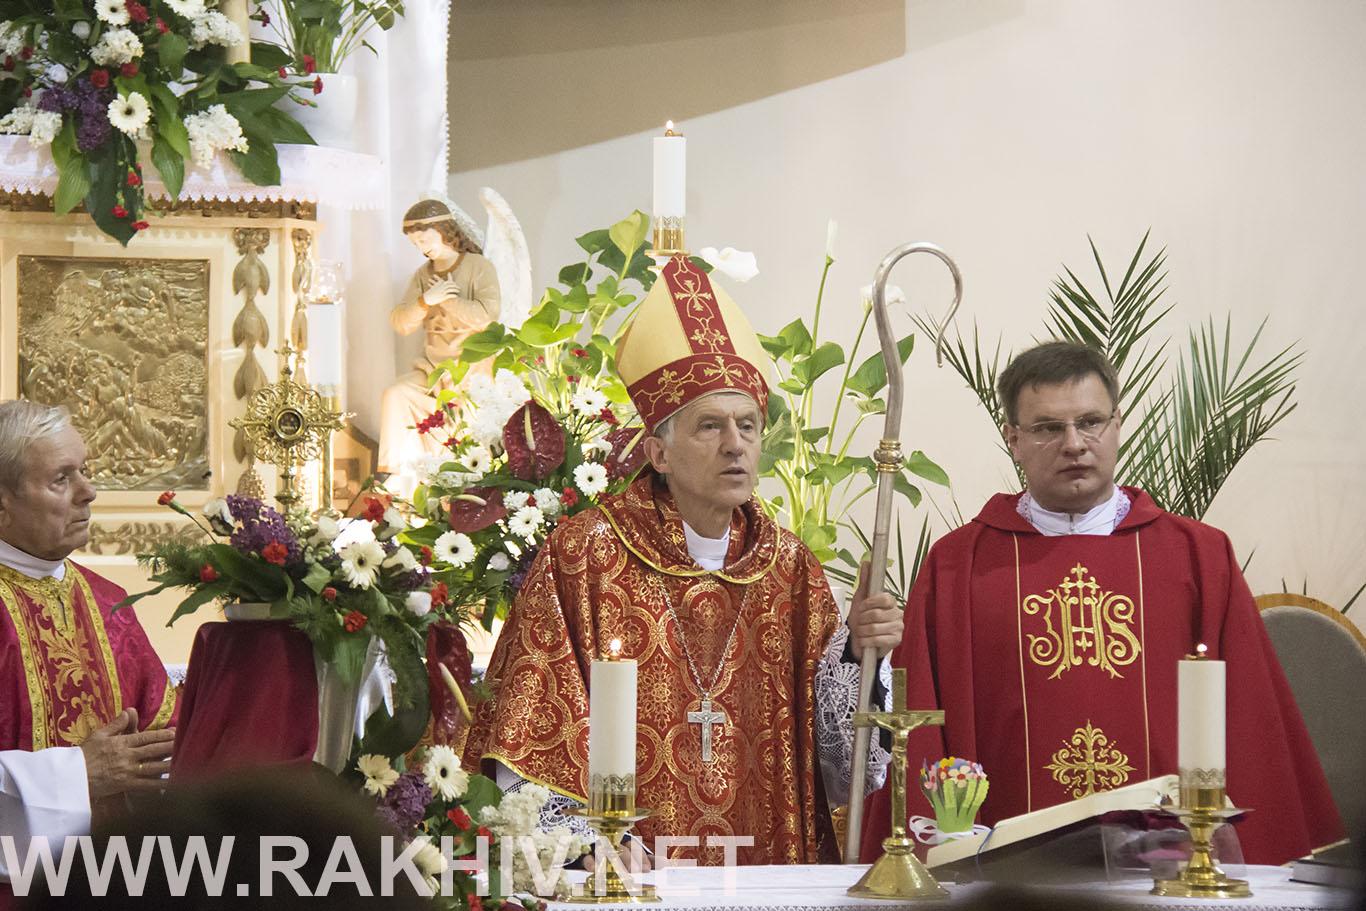 Єпископ_Антал_Майнек_Рахів